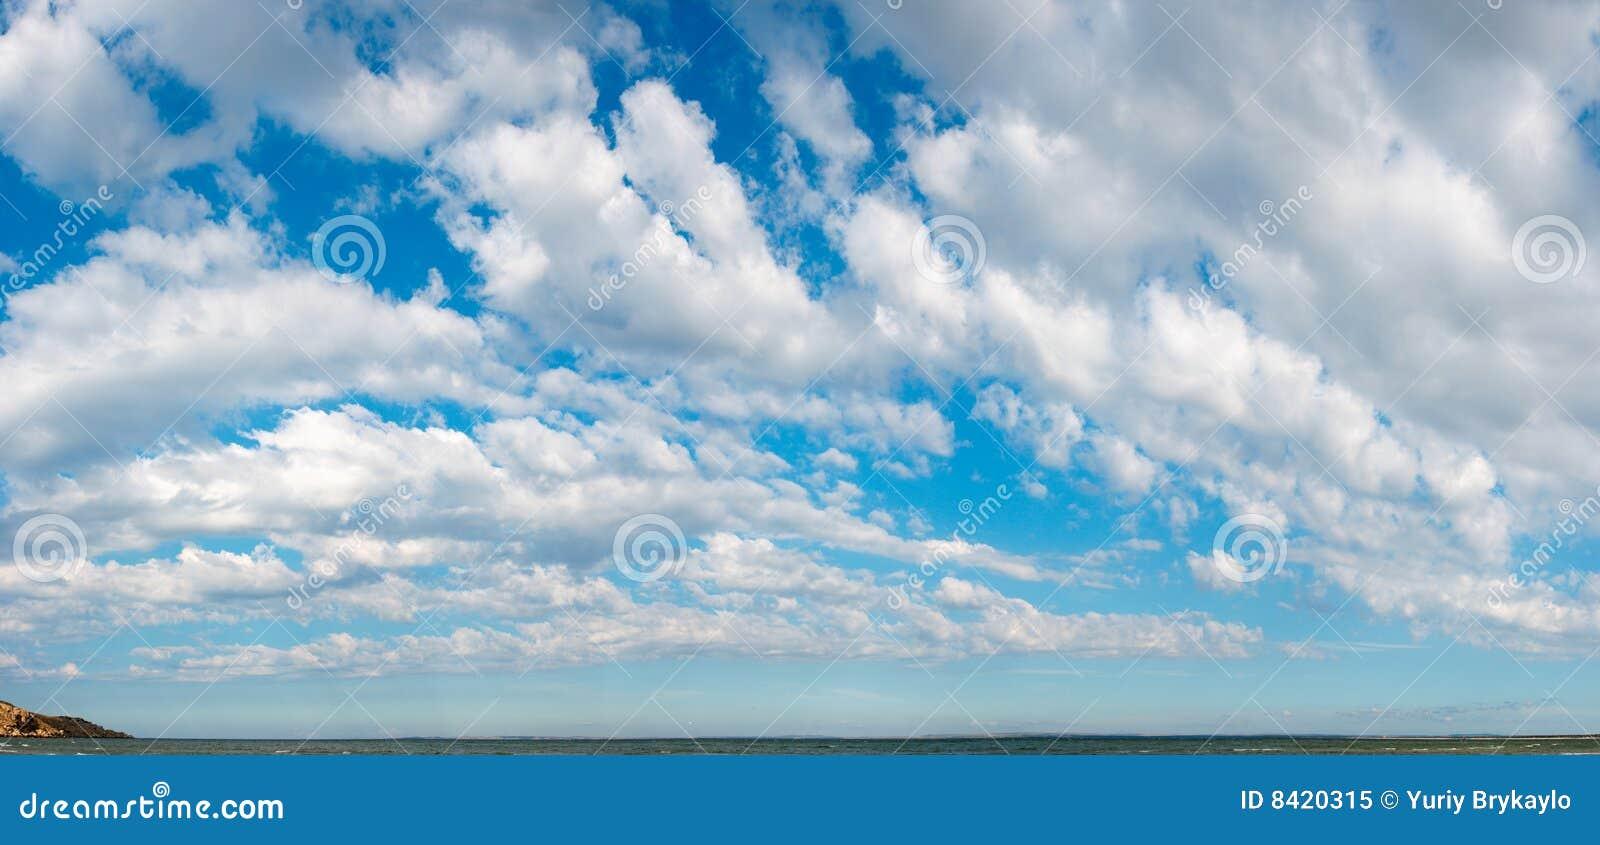 голубое небо панорамы